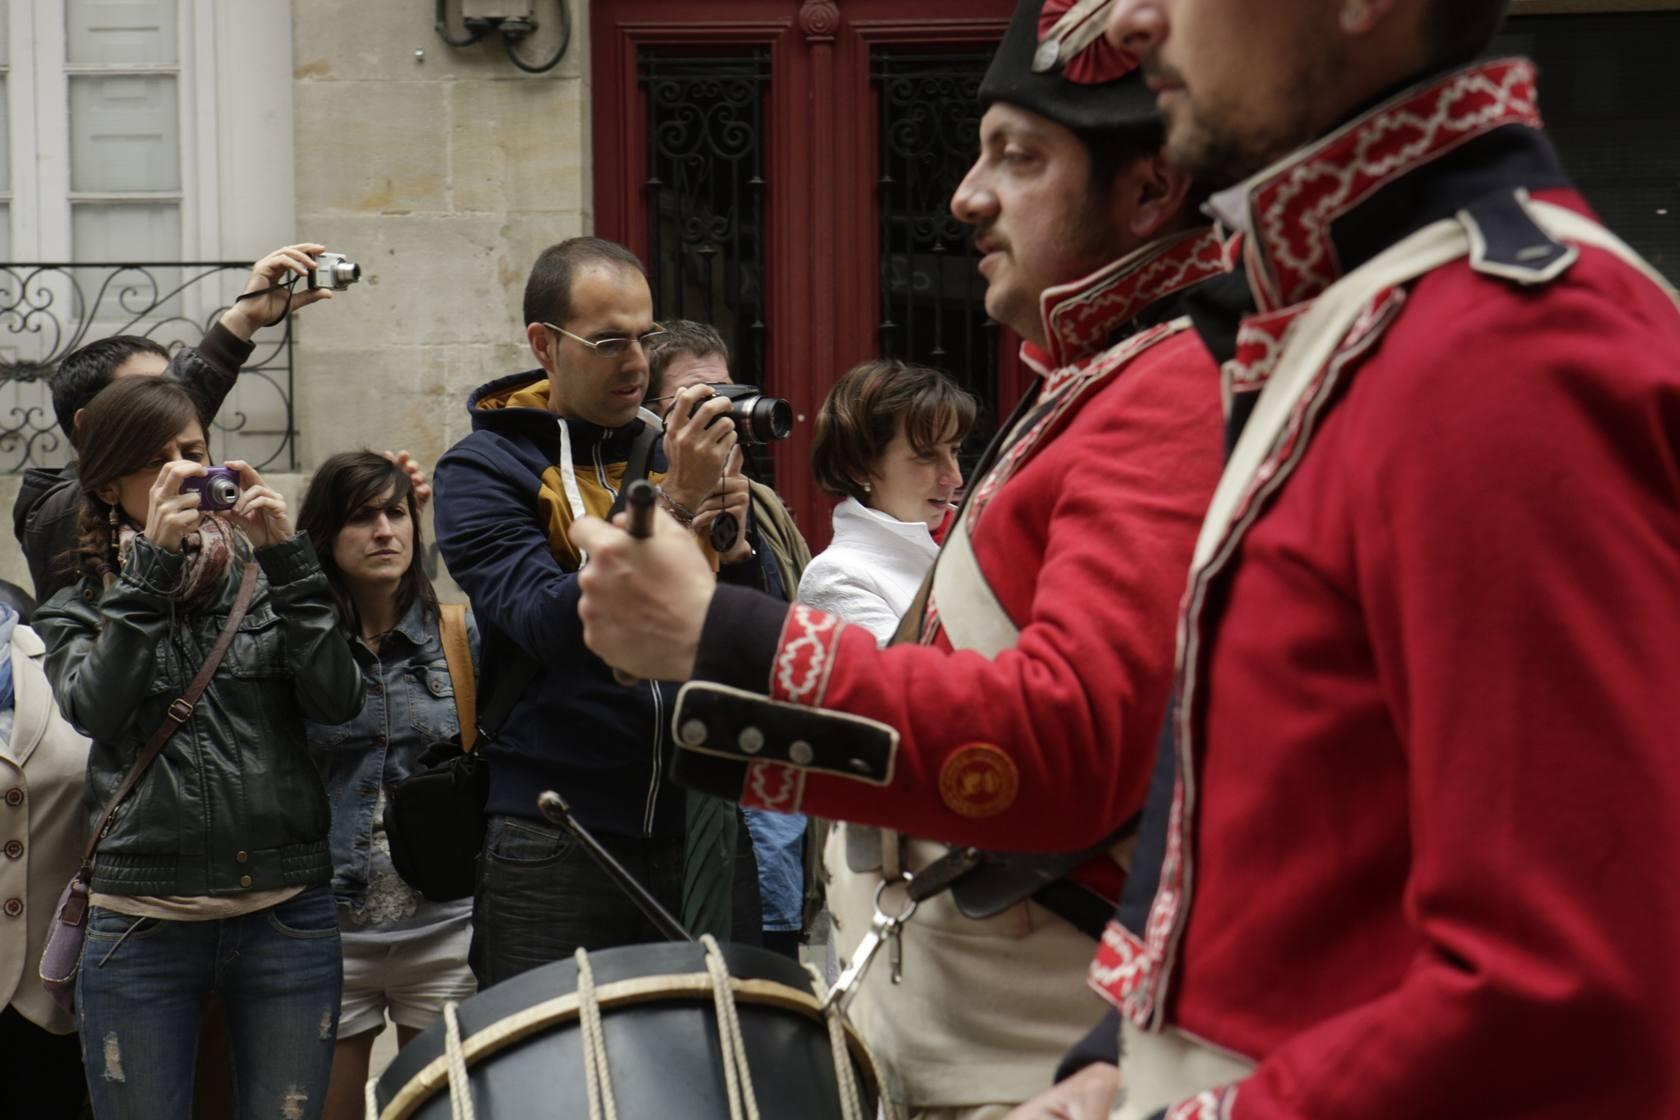 La ciudad pone fin al Bicentenario de la Batalla de Vitoria